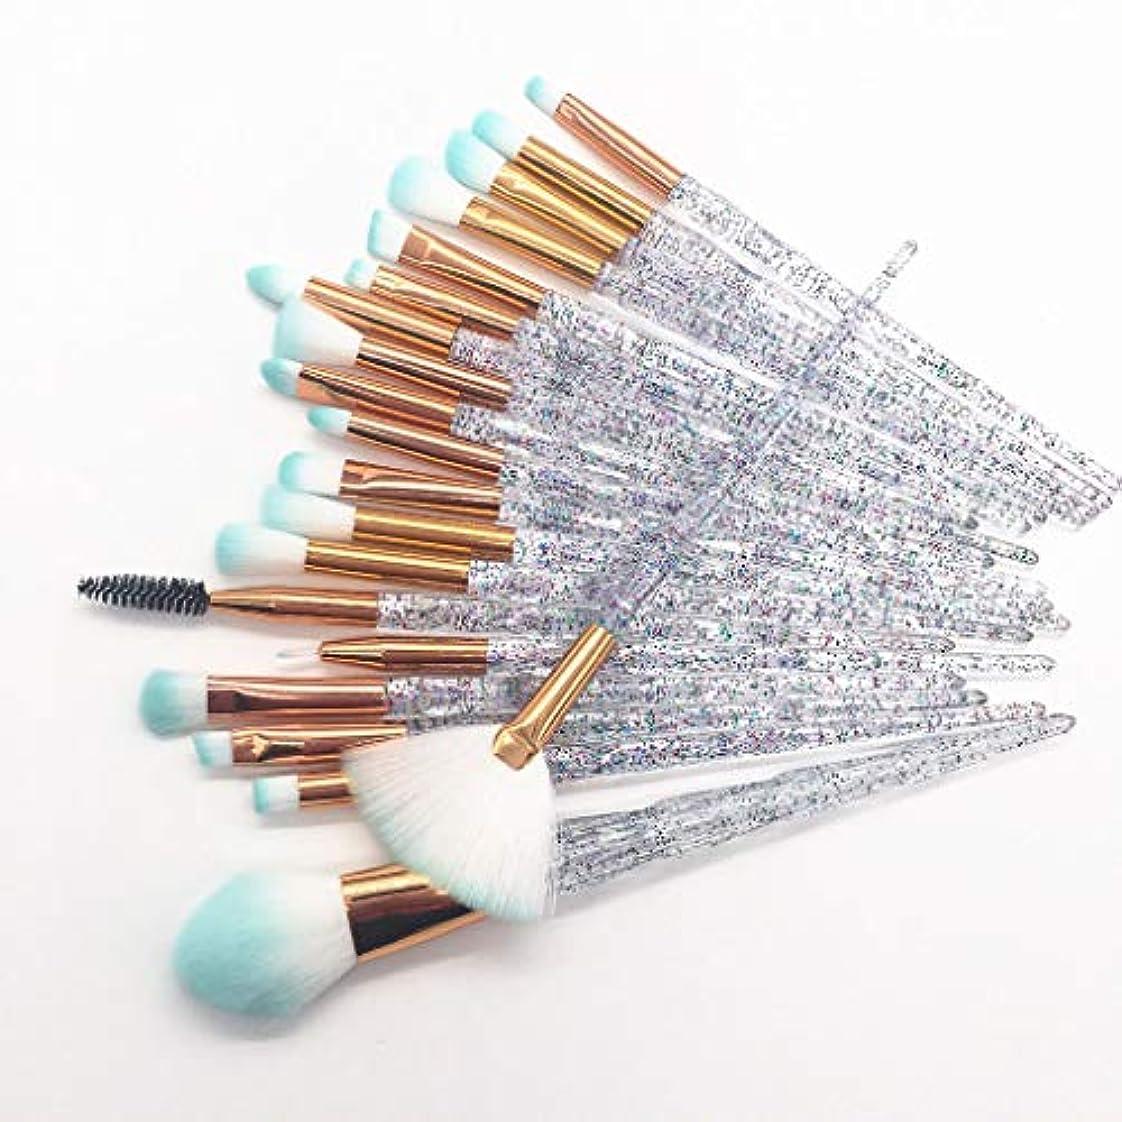 戸惑う電気的合金20化粧筆ビギナービューティーキット